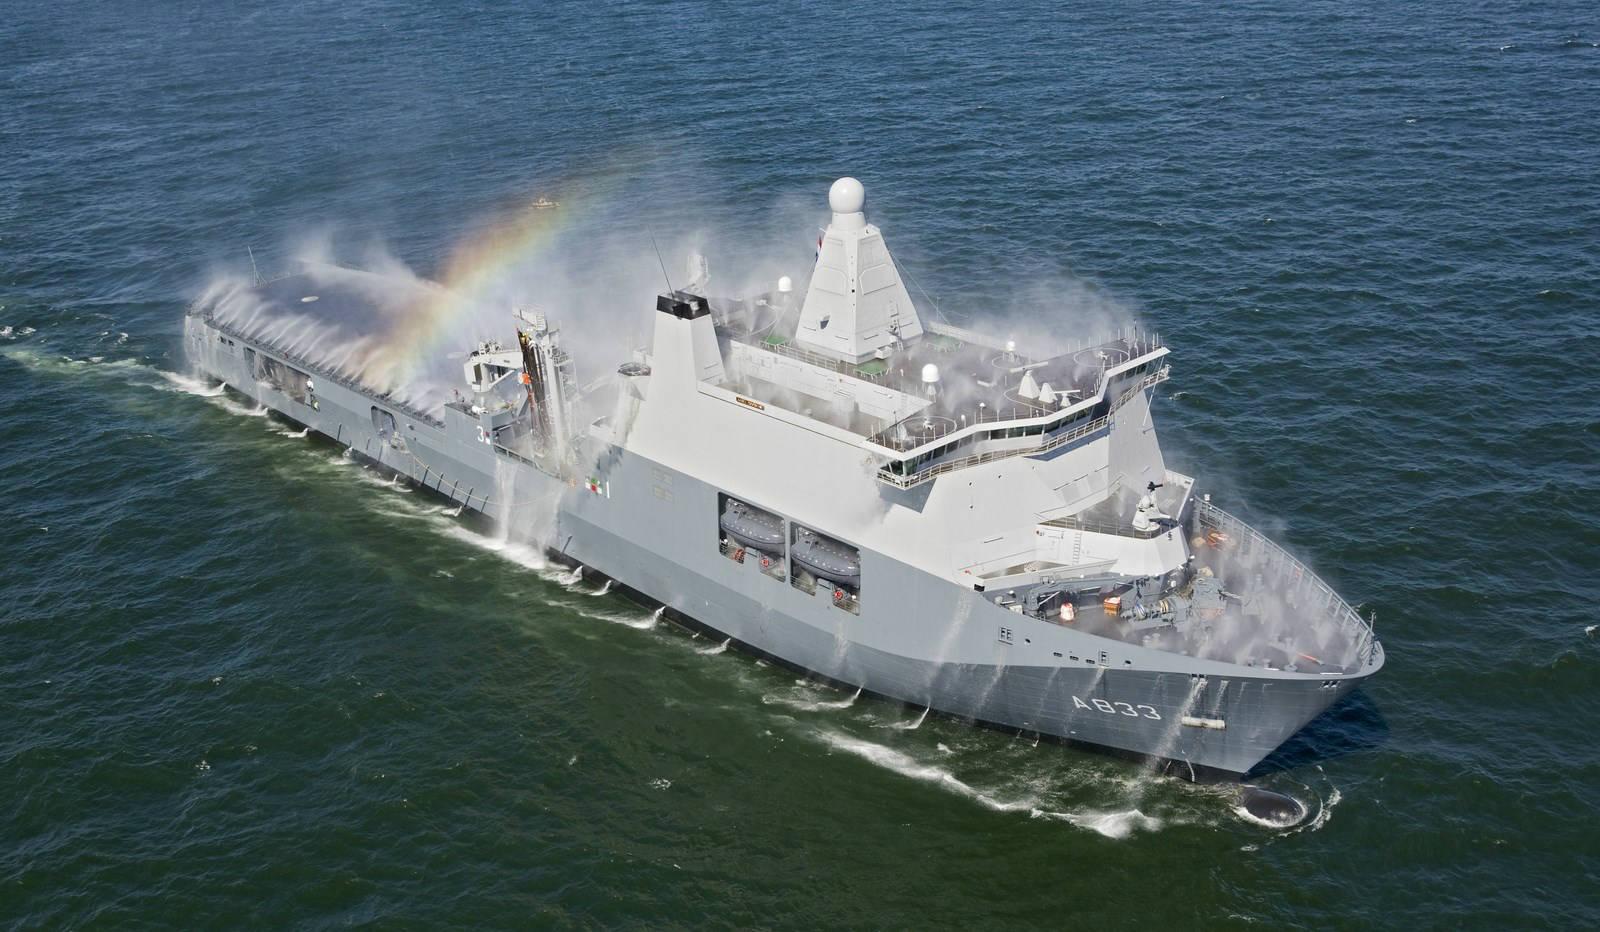 Десантный корабль Karel Doorman ВМС Нидерландов.